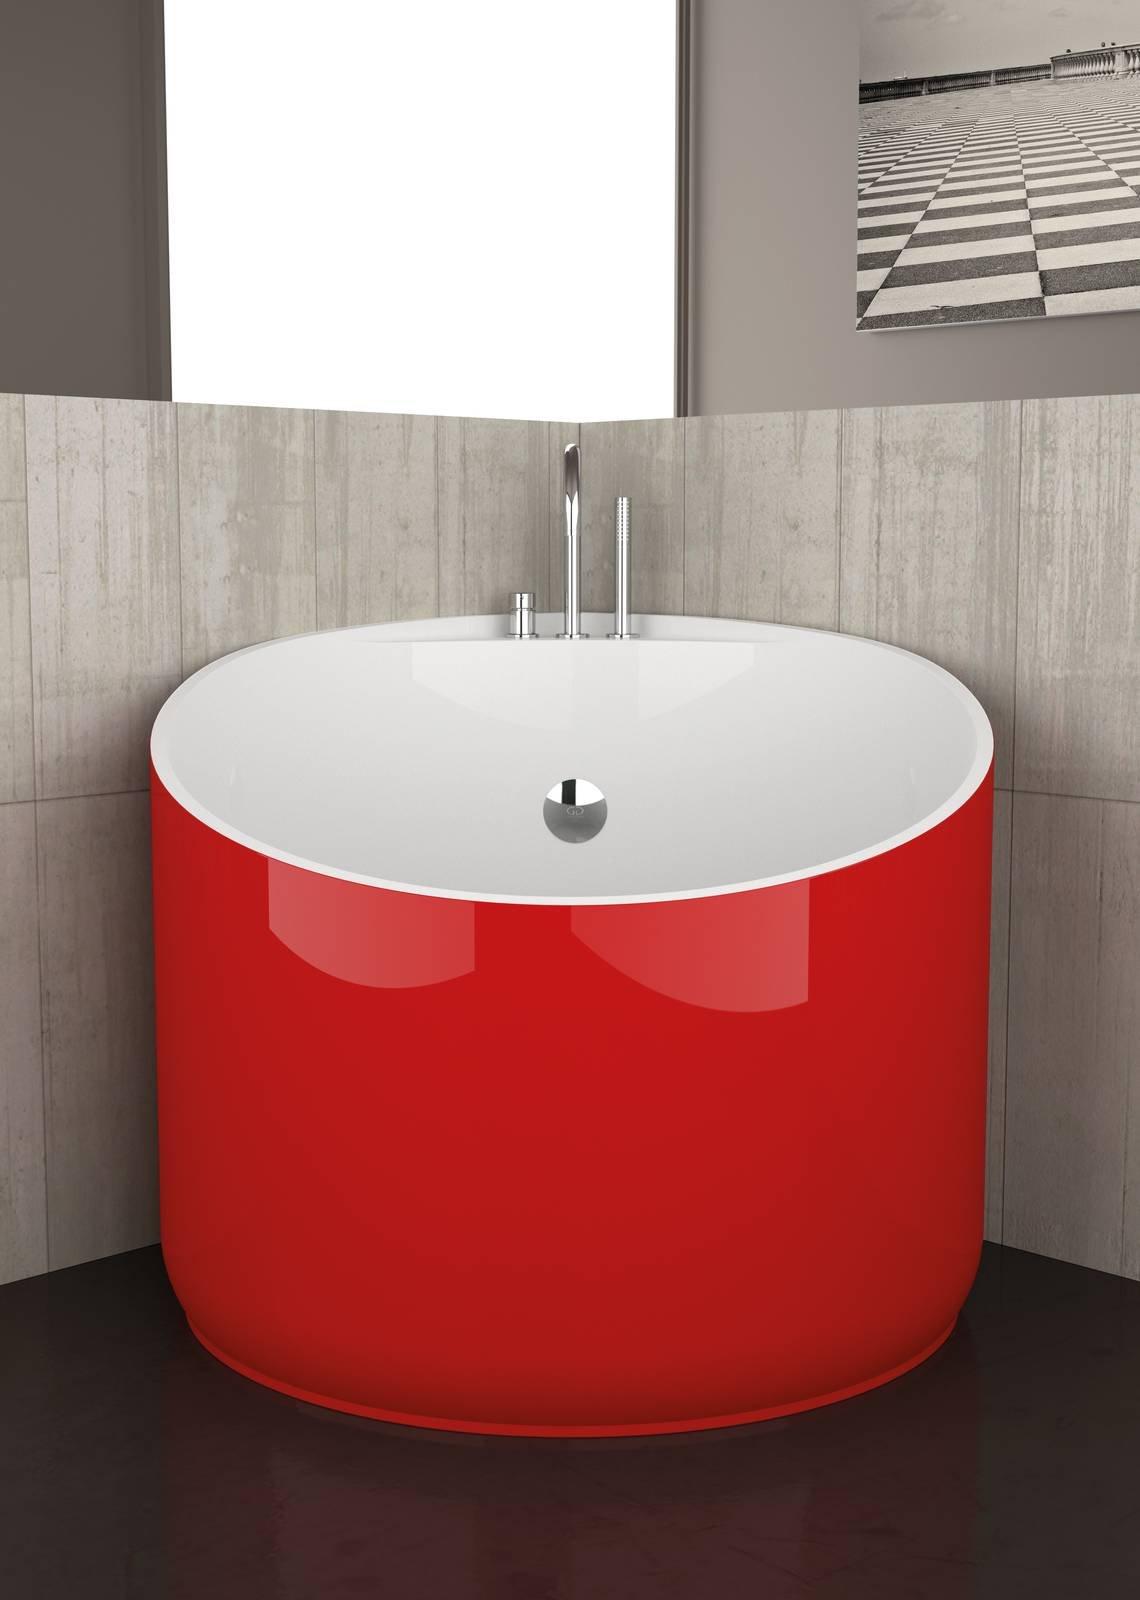 Excellent vasca mini design marco pisati di glass design italy realizzata in bimat with bagno - Design bagno piccolo ...